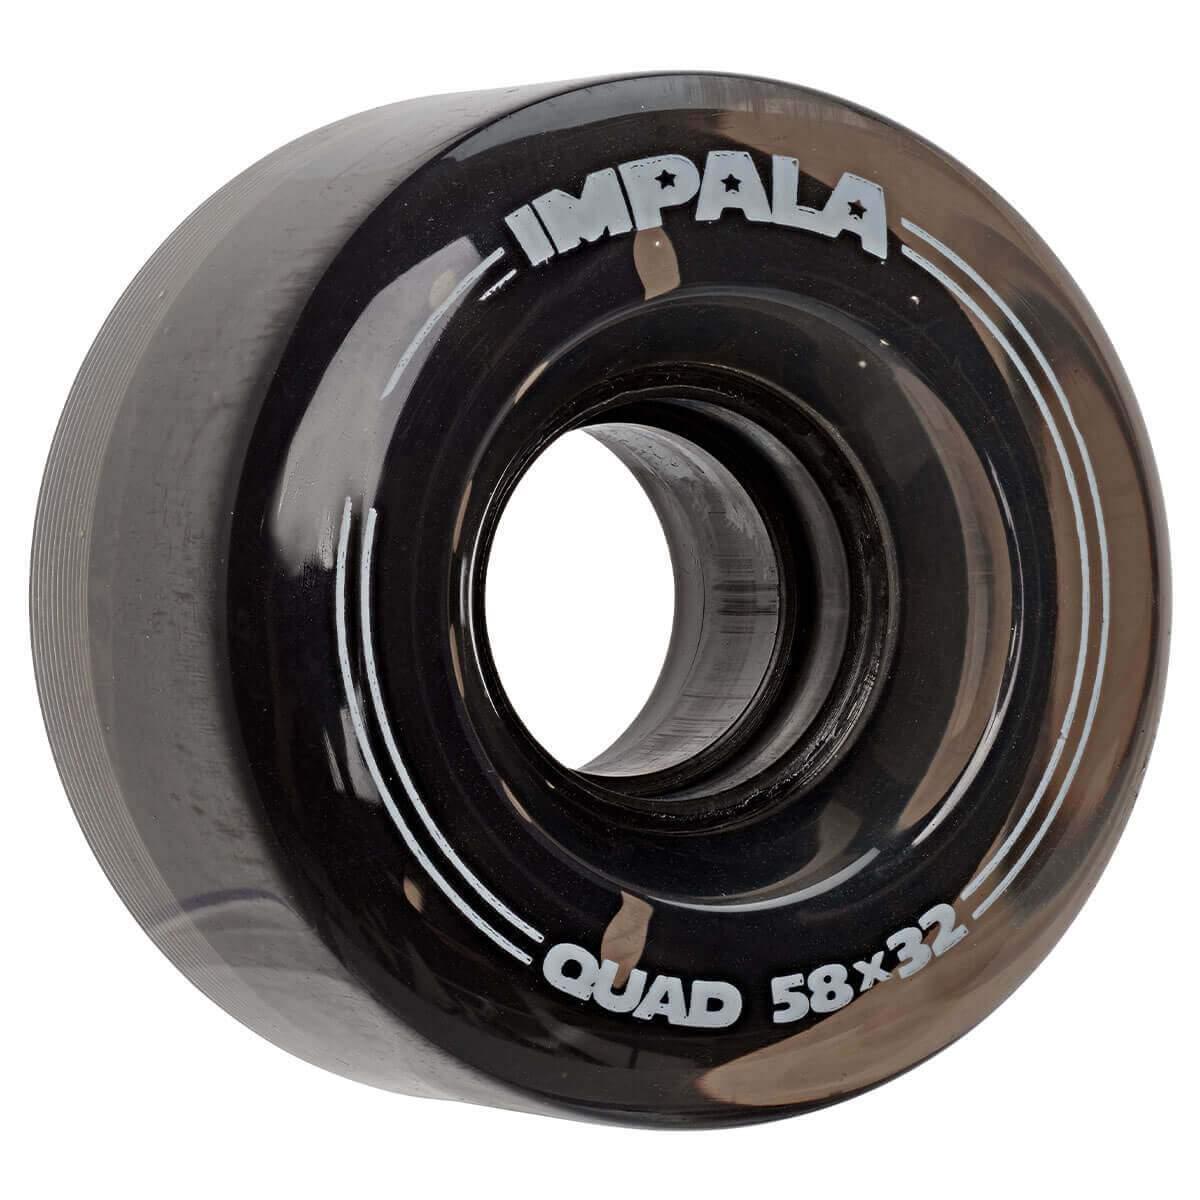 IMPALA REPLACEMENT ROLSCHAATS WIELEN (4-PACK) - BLACK